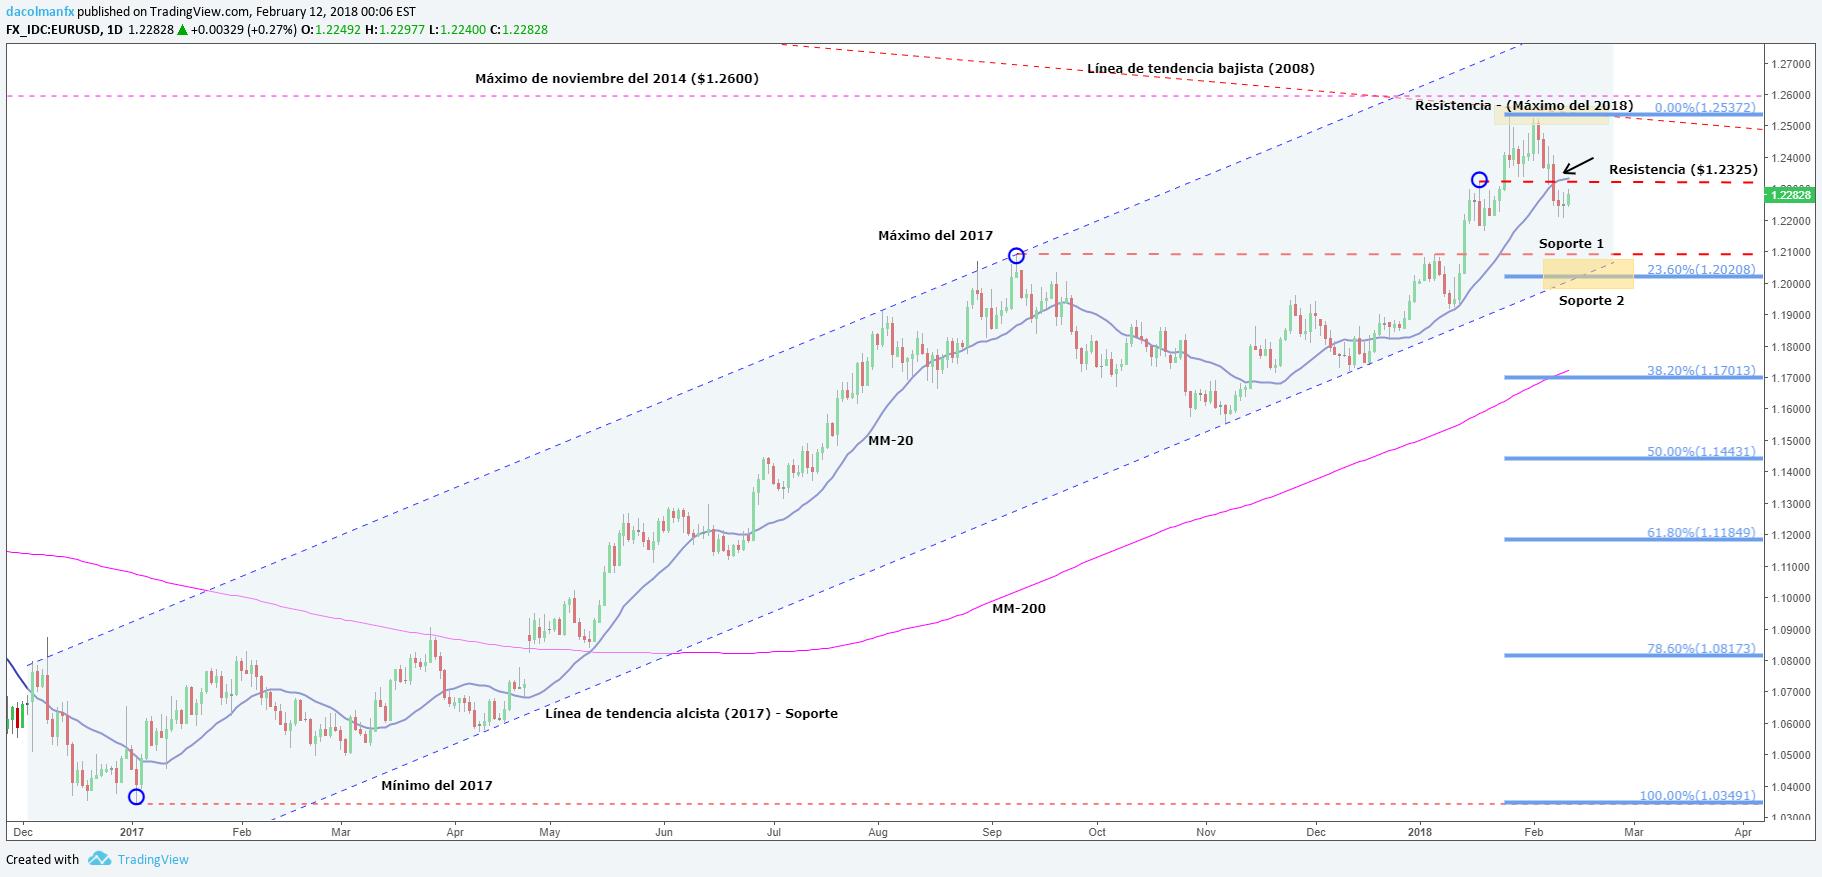 El EUR/USD logra esquivar caídas al inicio de la nueva semana. ¿A dónde se dirige?